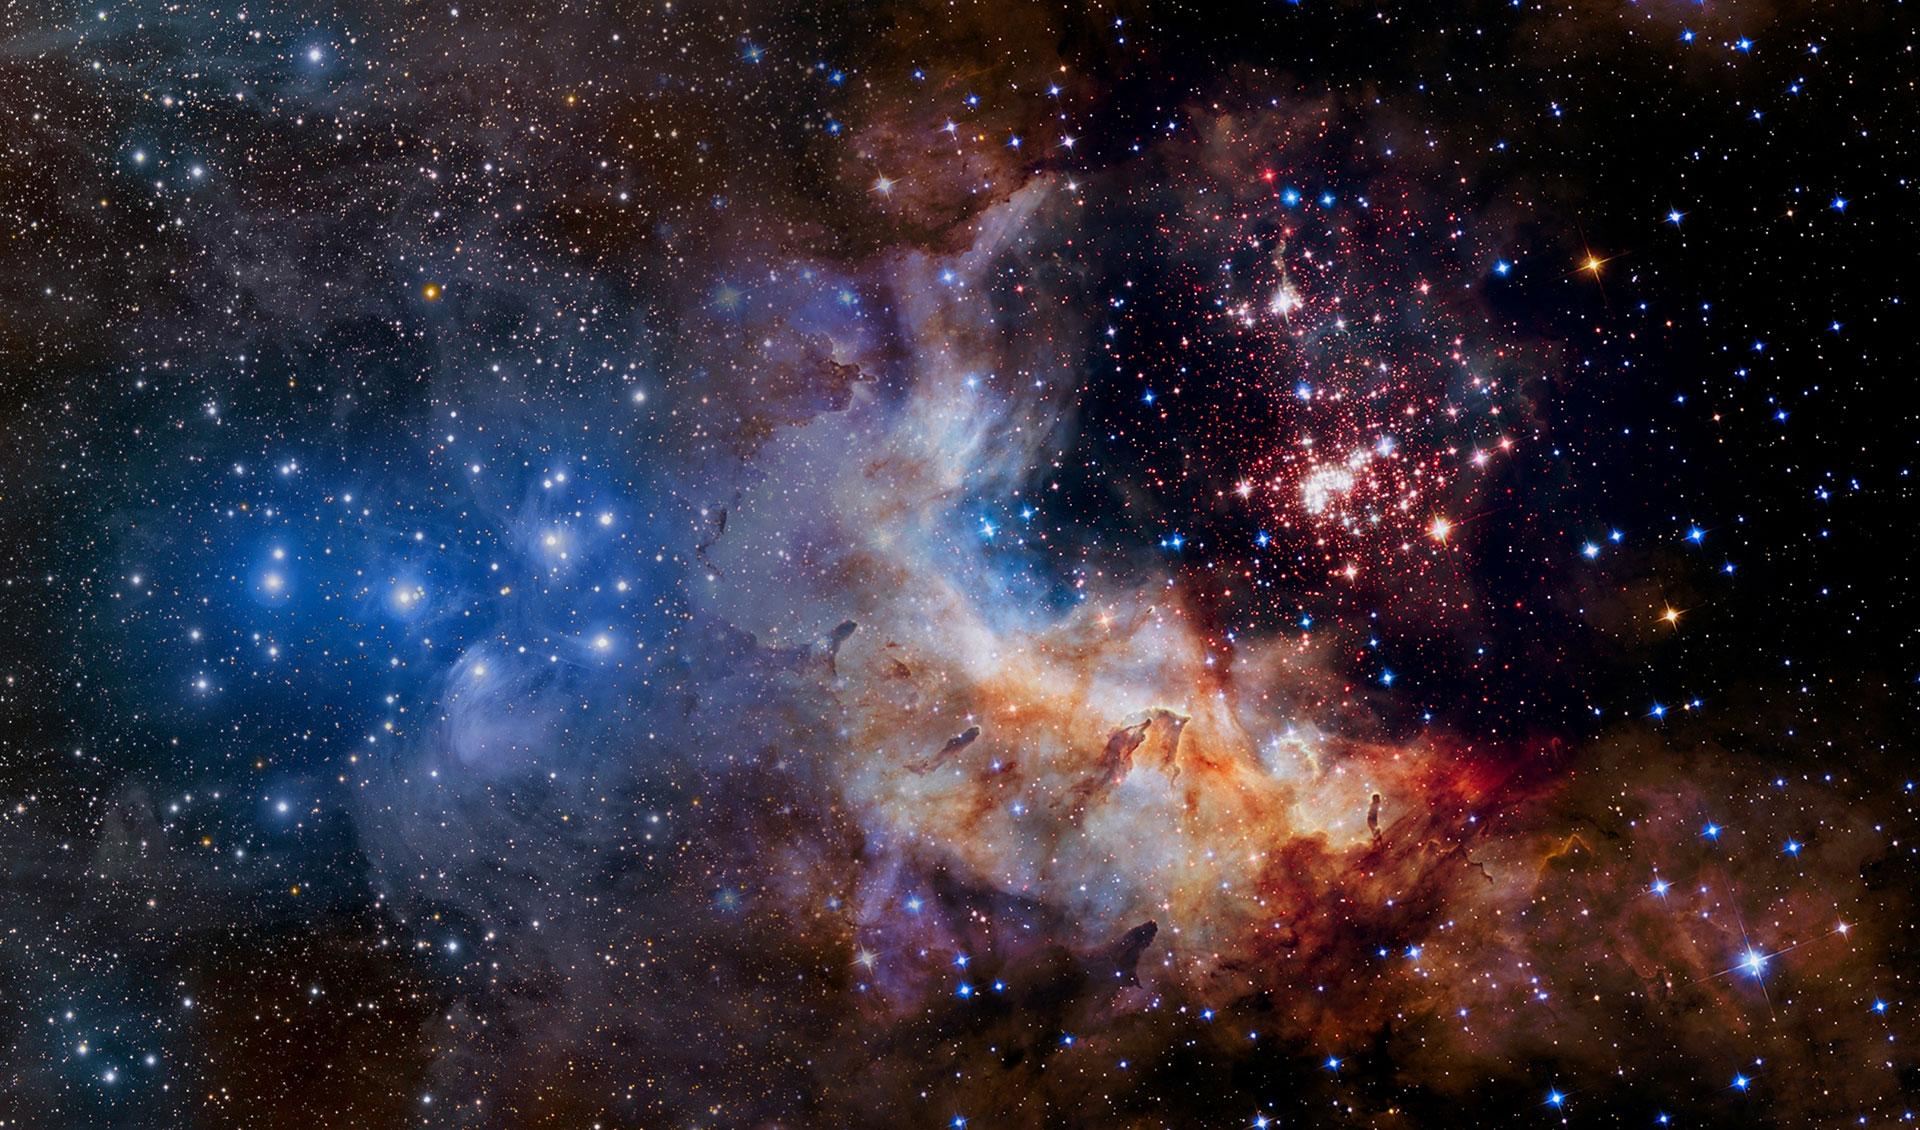 隠れた次元? 宇宙の仕組み? 未知の解明 | ILC